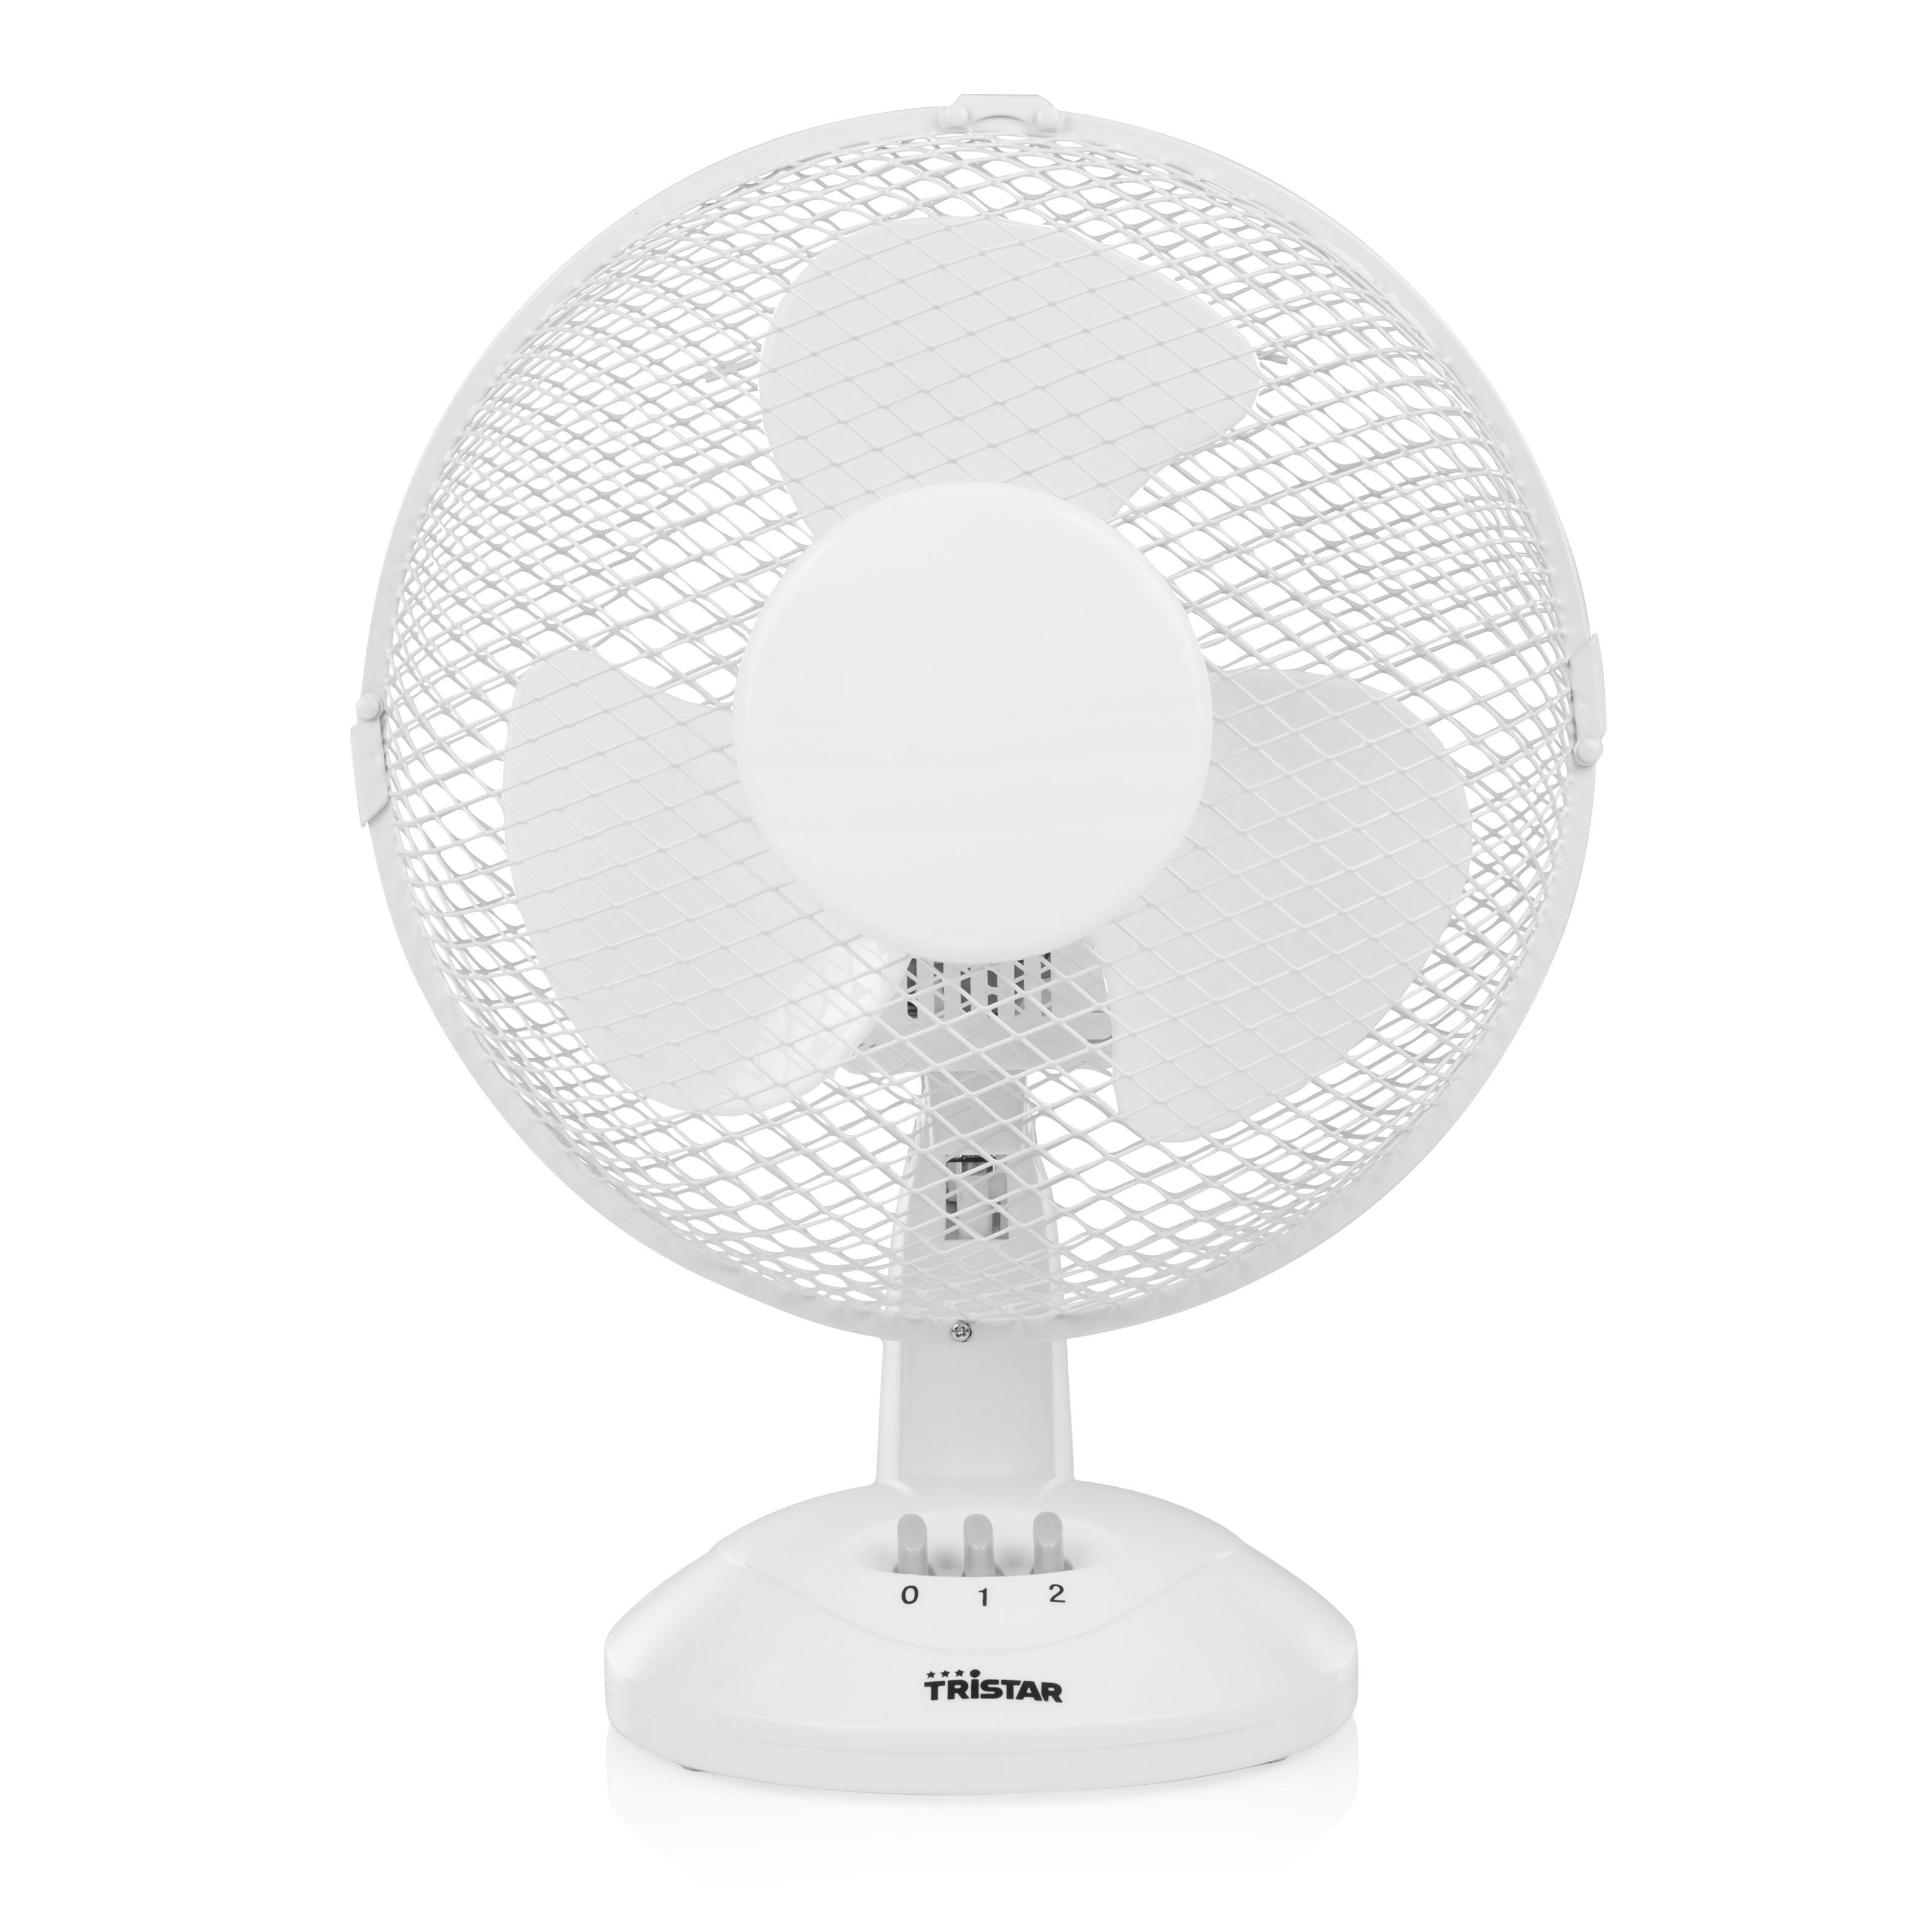 Korting Tristar VE 5923 ventilator